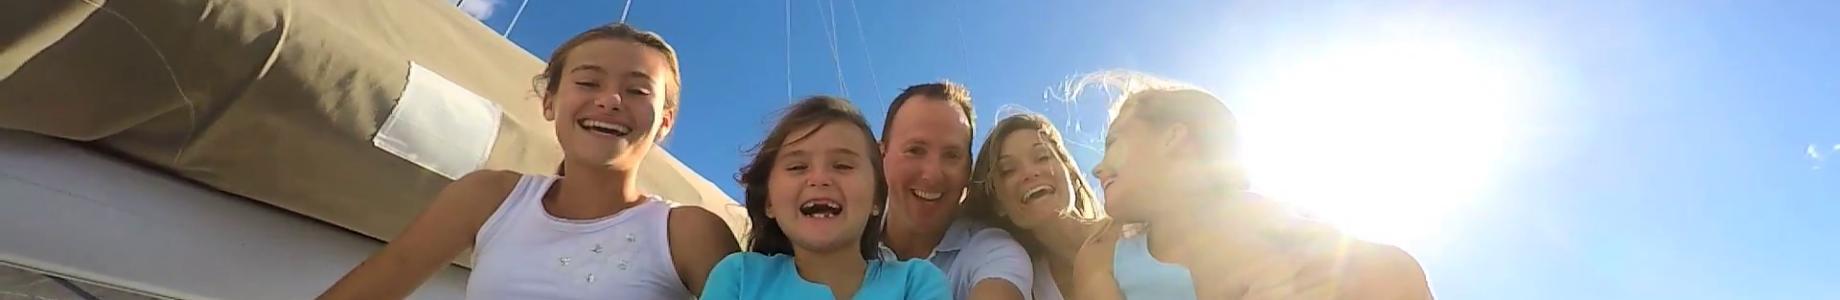 Брать ли детей на яхту? Мы выяснили, как организовать отличный яхтинг для всей семьи